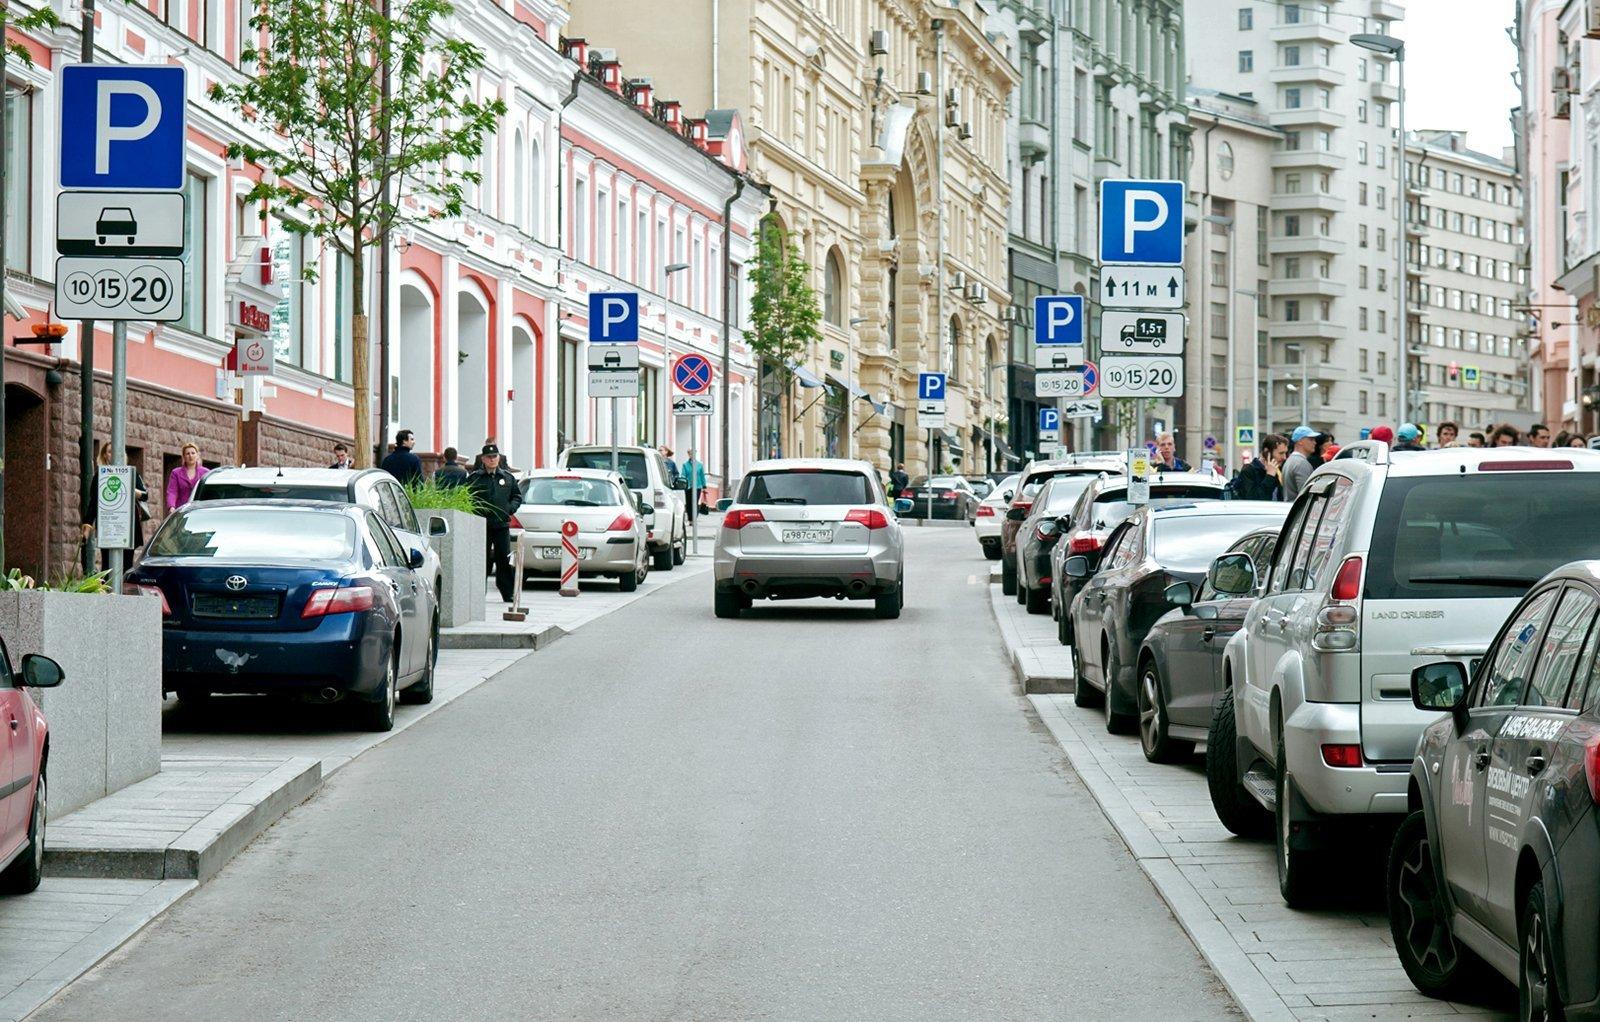 Мосгордума отказалась снижать штраф за неоплаченную парковку